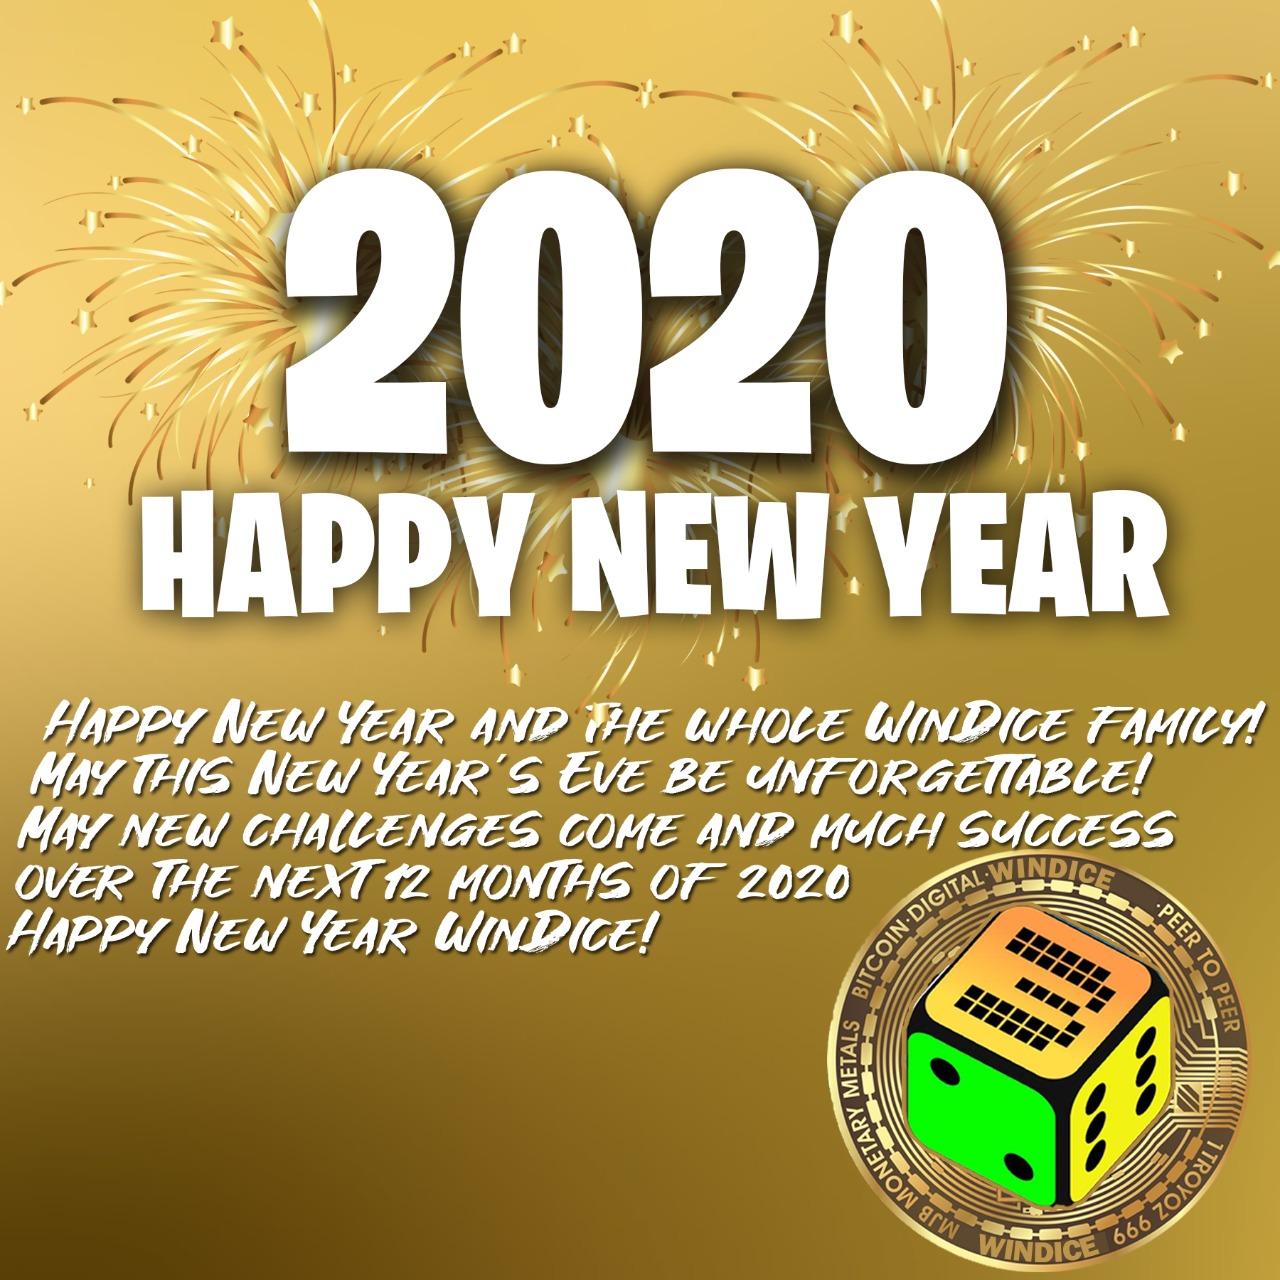 IMG-20191224-WA0039.jpg